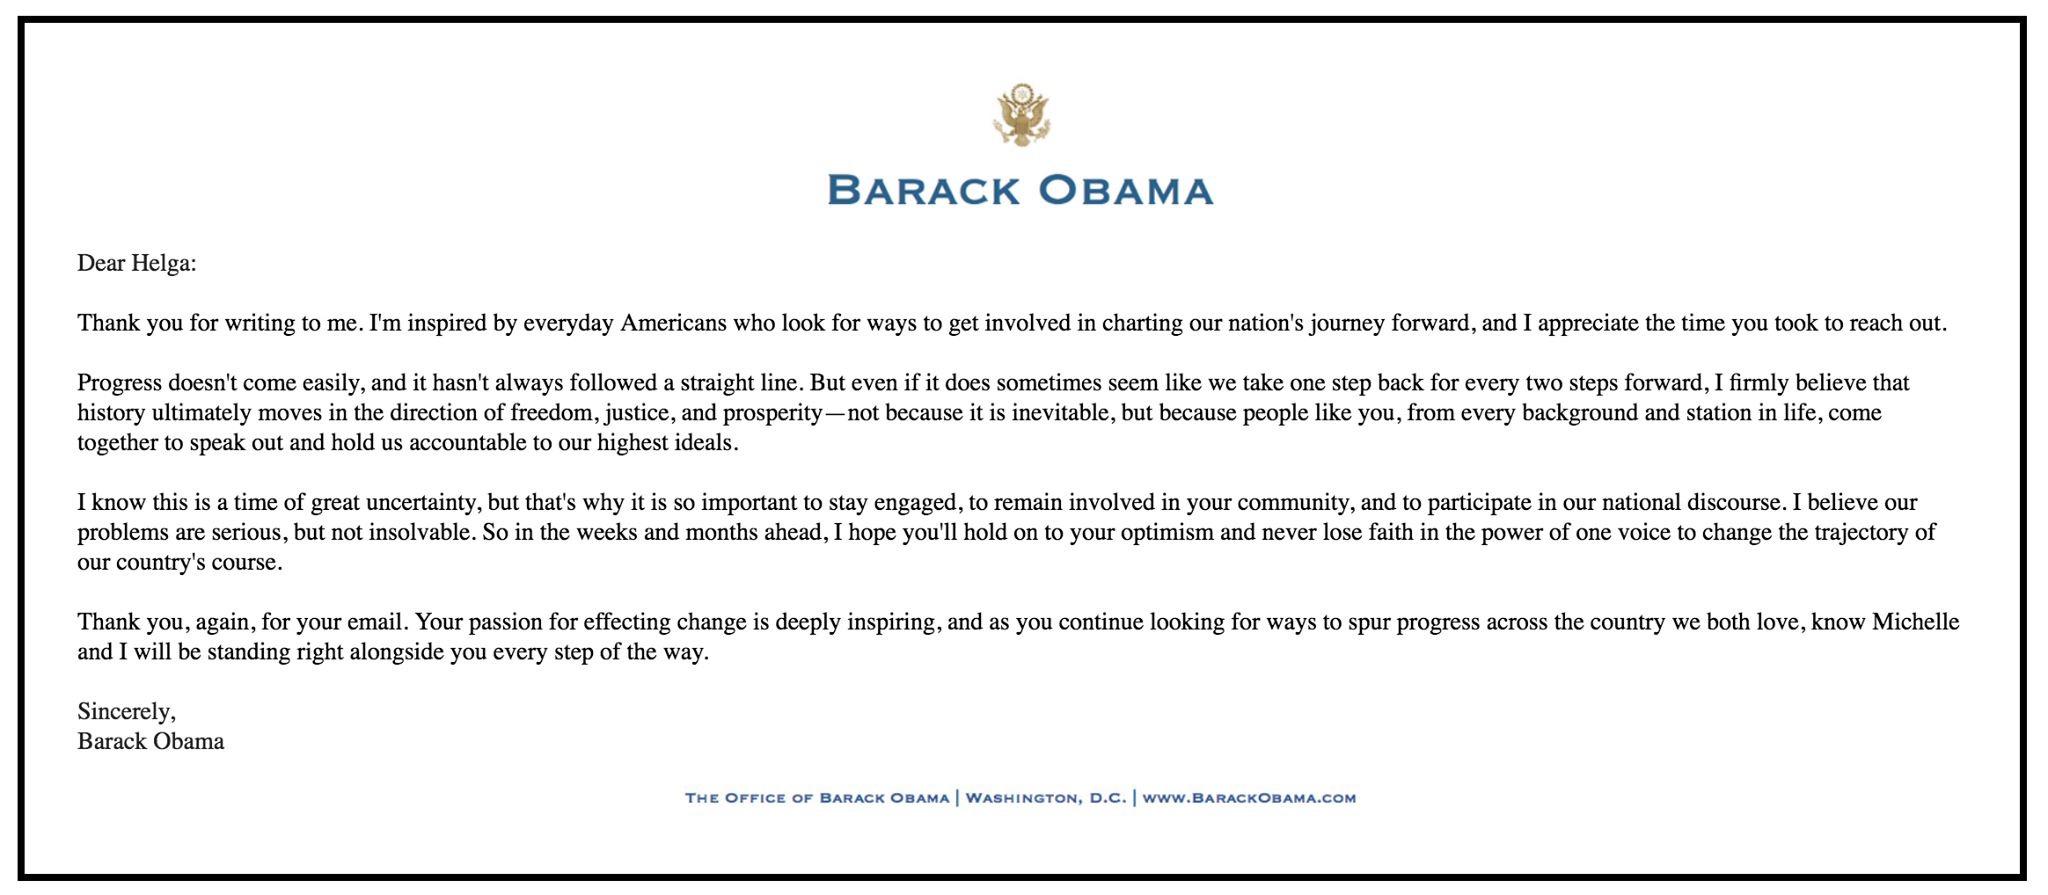 Letter from Barack Obama